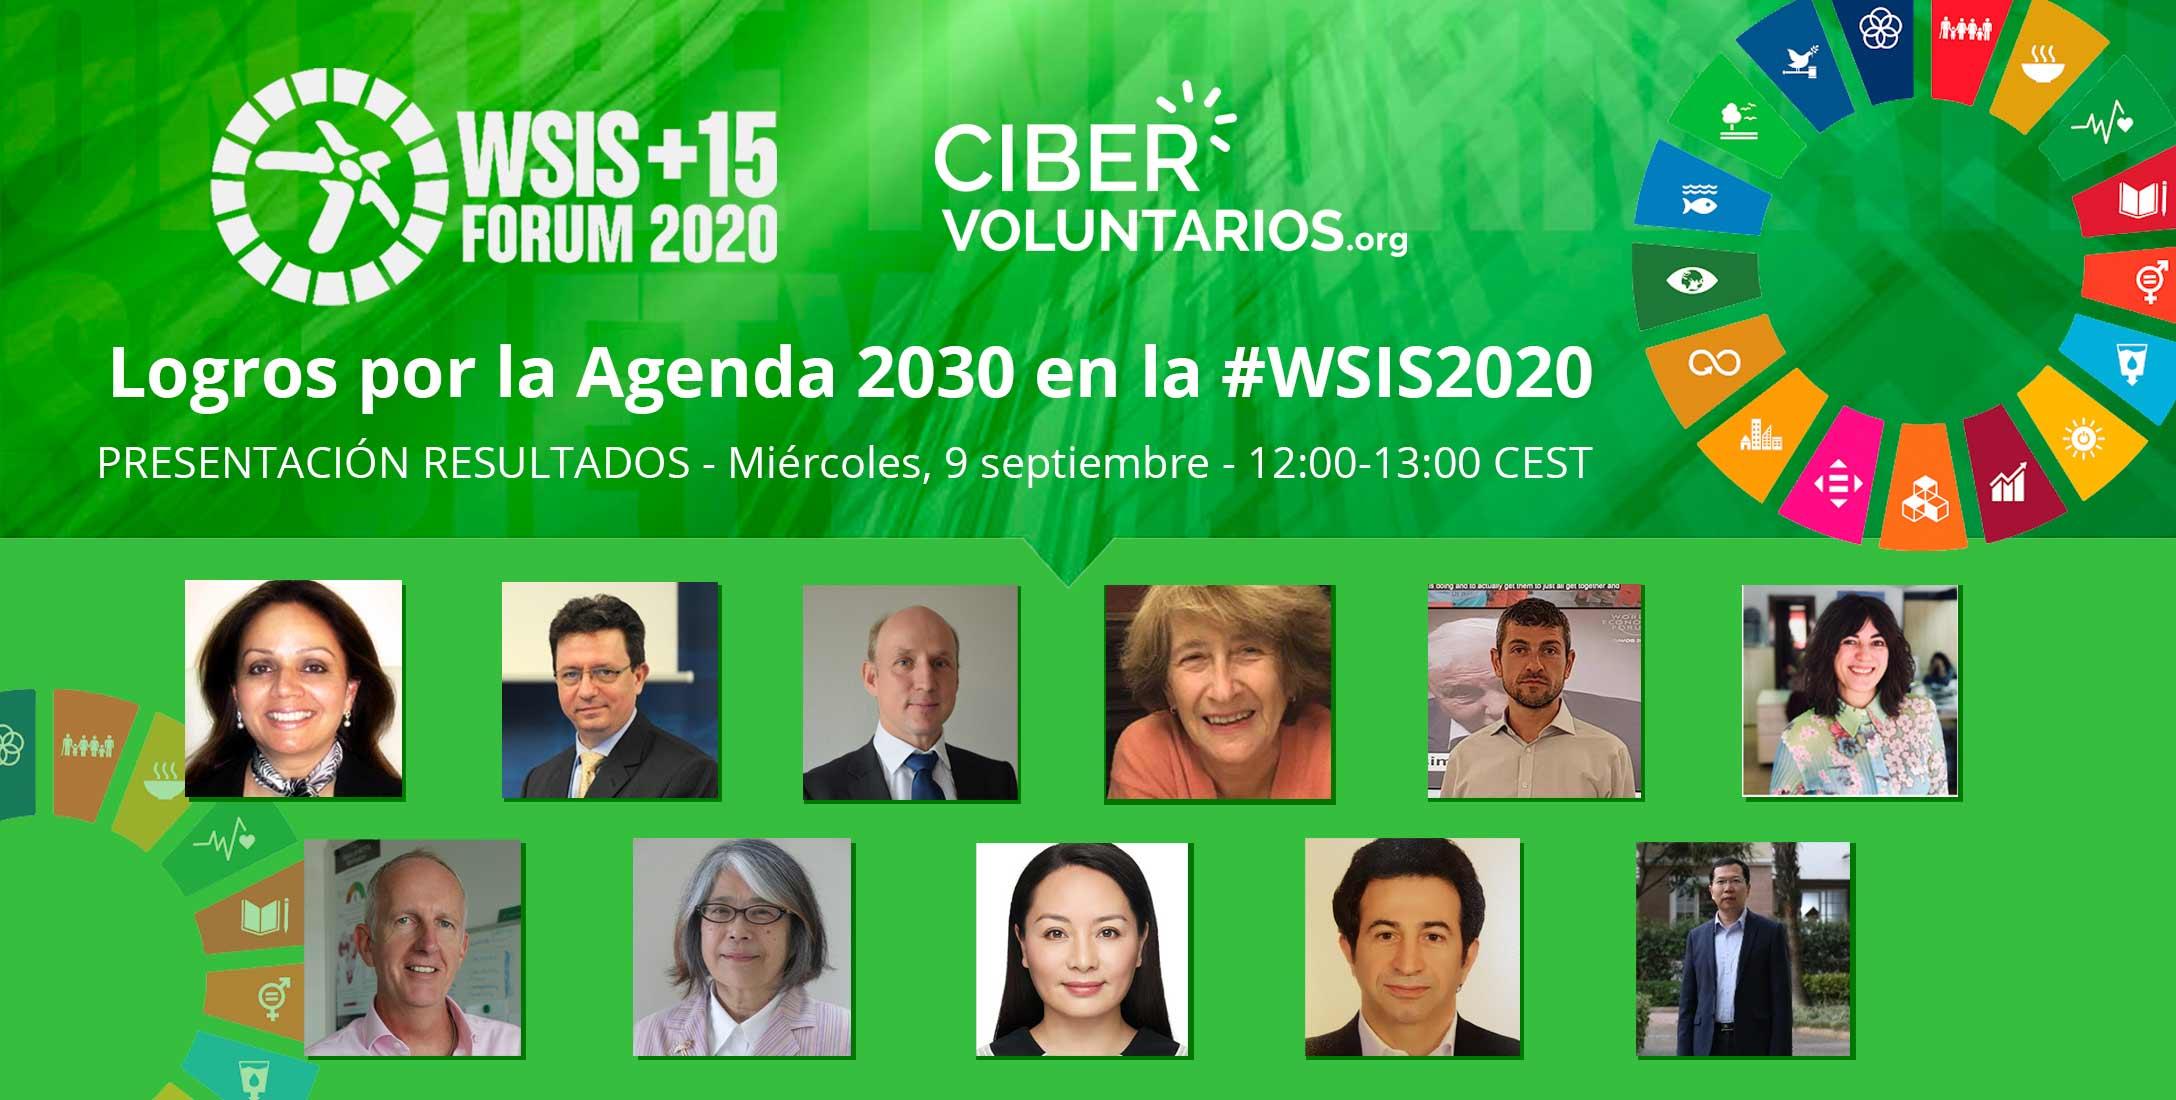 Logros por la Agenda 2030 en la WSIS 2020: participamos en la presentación de resultados